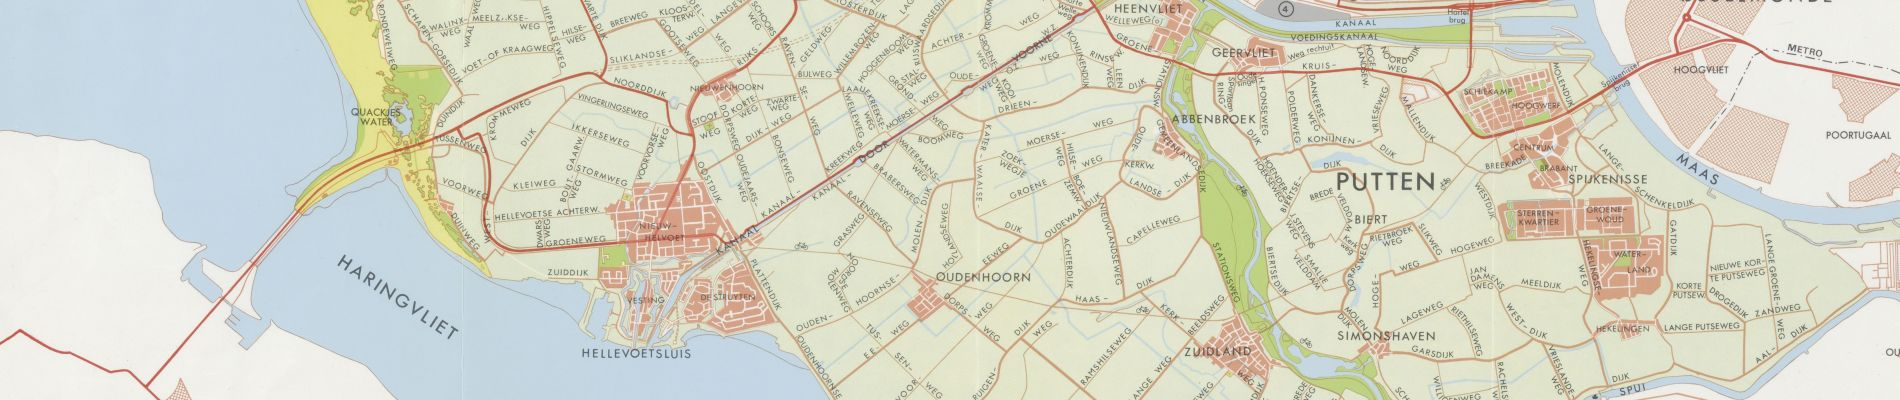 Bekijk het veranderde landschap op kaarten